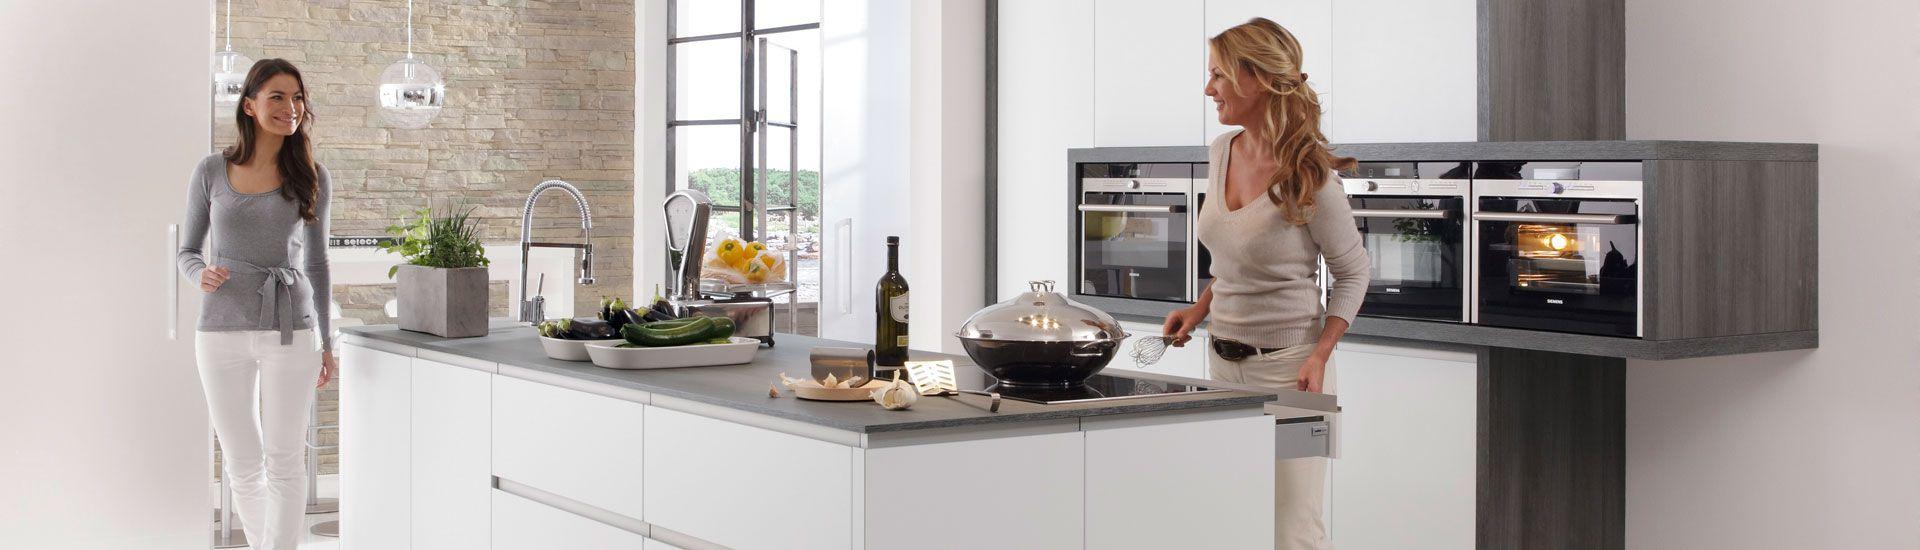 Full Size of Küchenideen Kcheq Kchenberatung Und Kchenideen Wohnzimmer Küchenideen